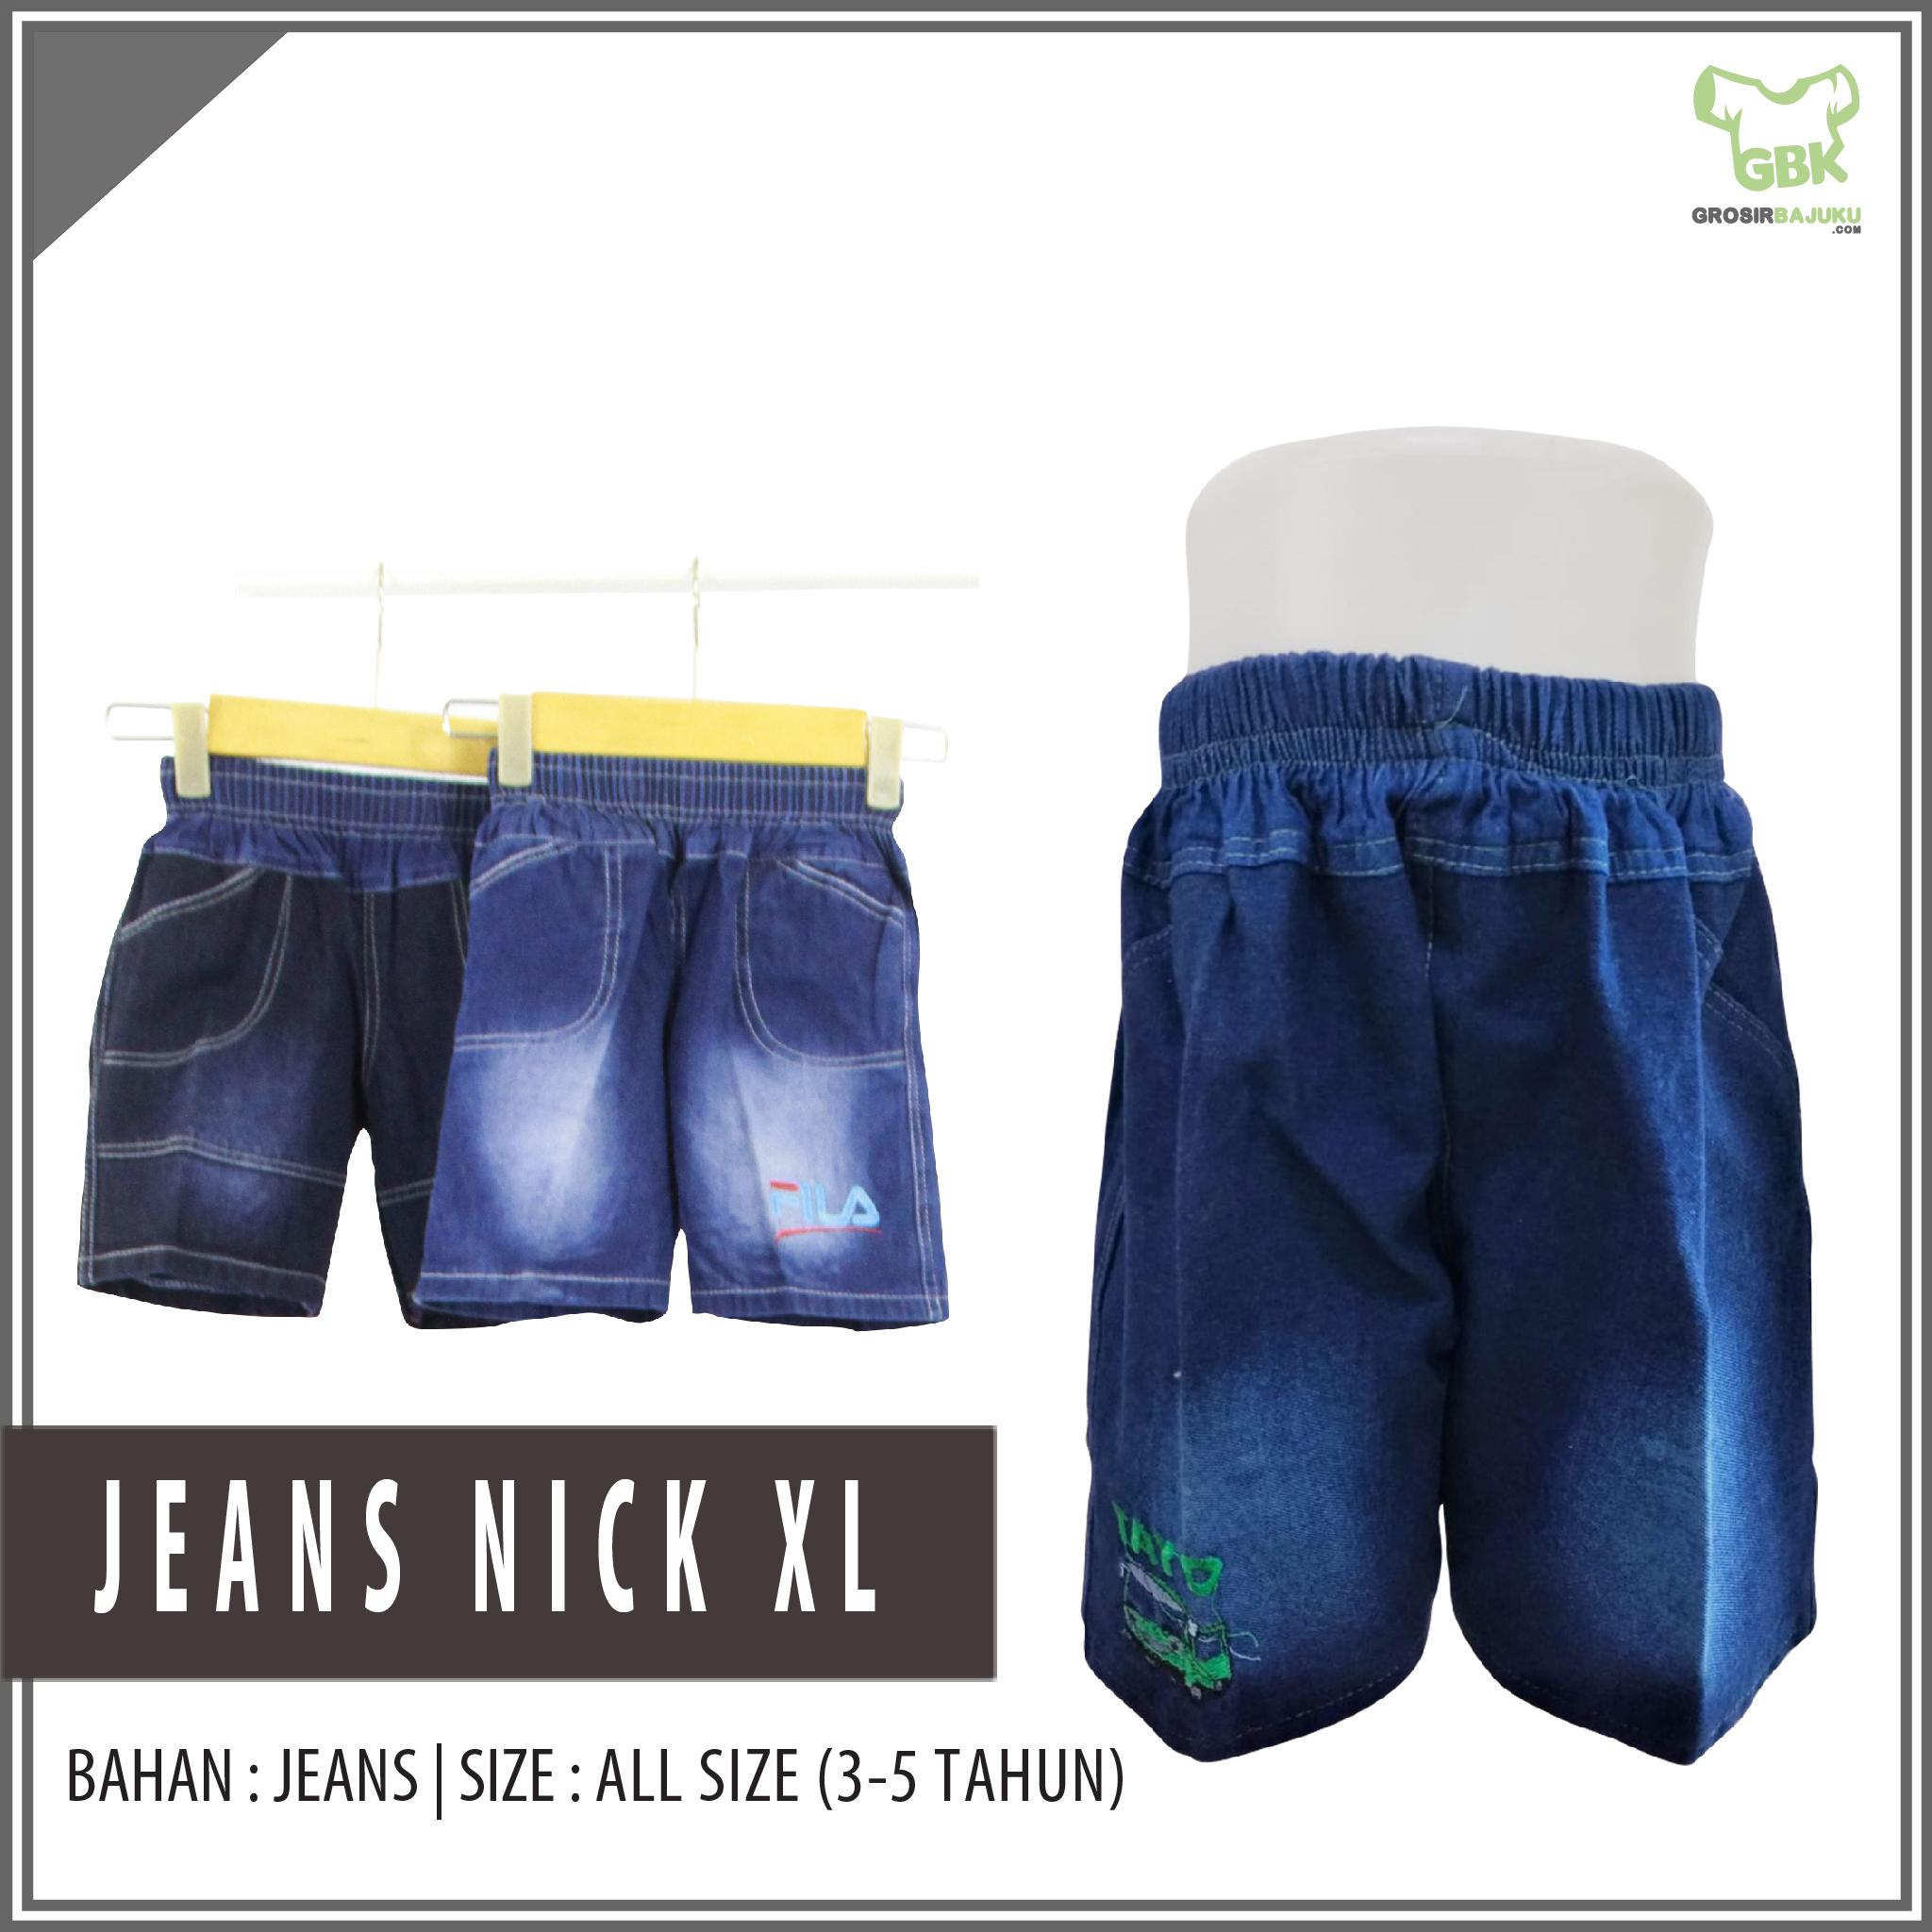 Grosir Jeans Nick XL Murah